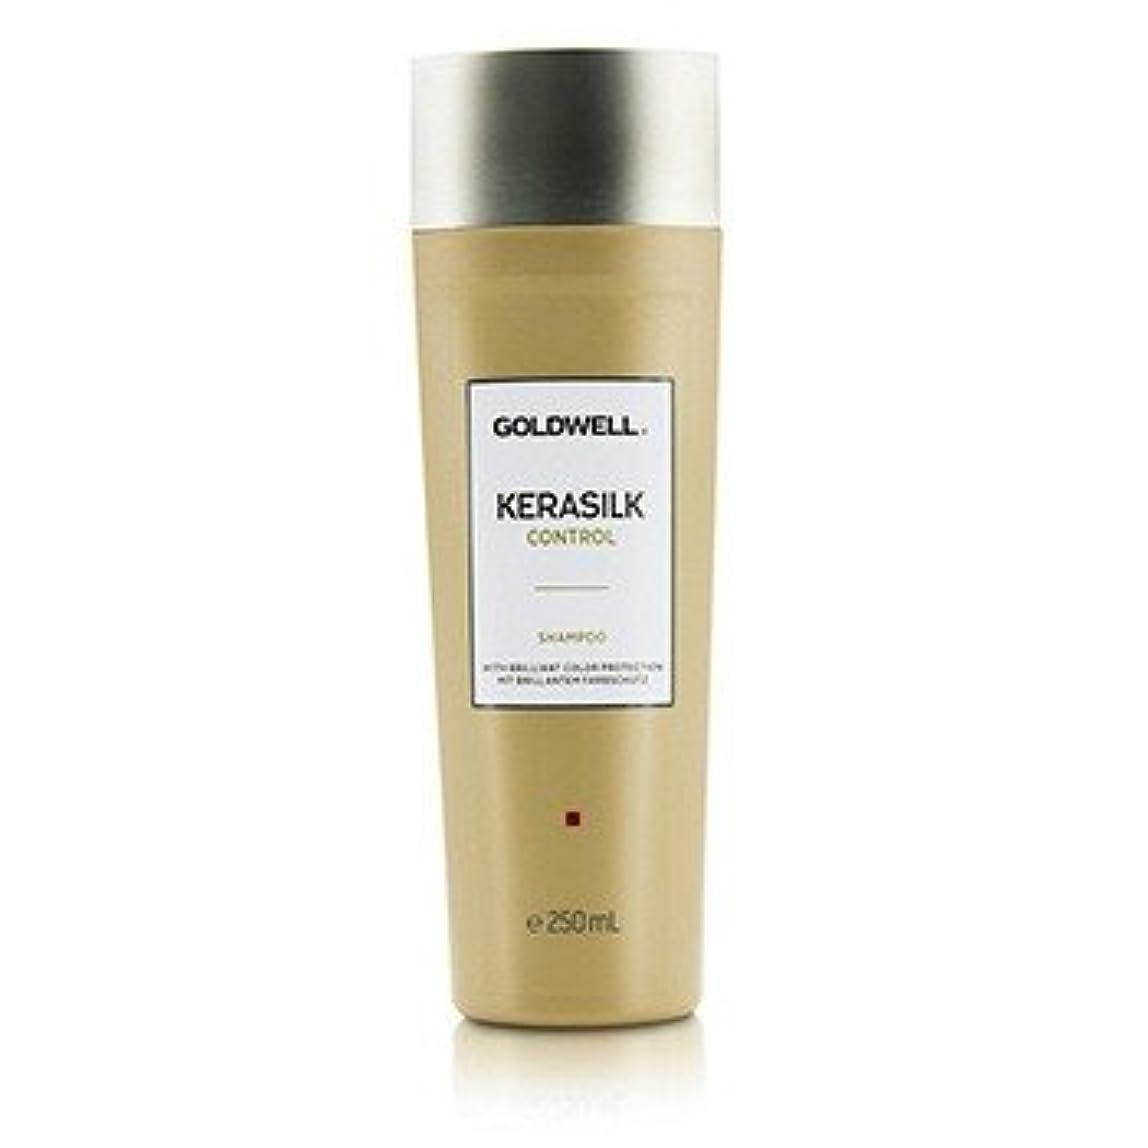 実験をする誘導住む[Goldwell] Kerasilk Control Shampoo (For Unmanageable Unruly and Frizzy Hair) 250ml/8.4oz